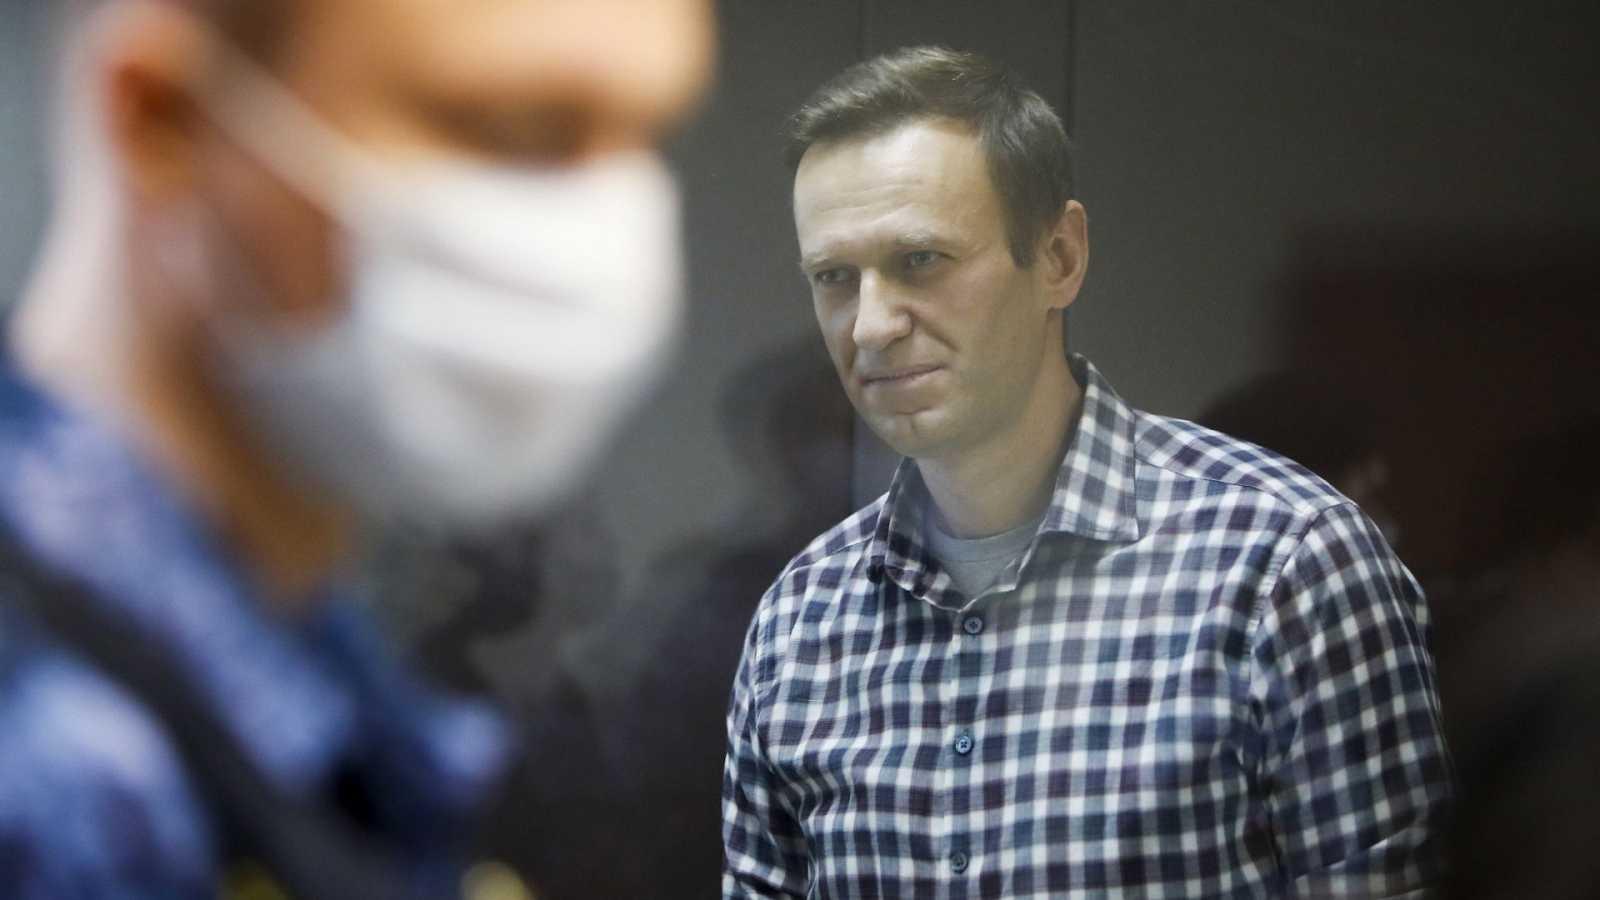 EE.UU. se une a la UE e impone sanciones a Rusia por el envenenamiento de Navalny